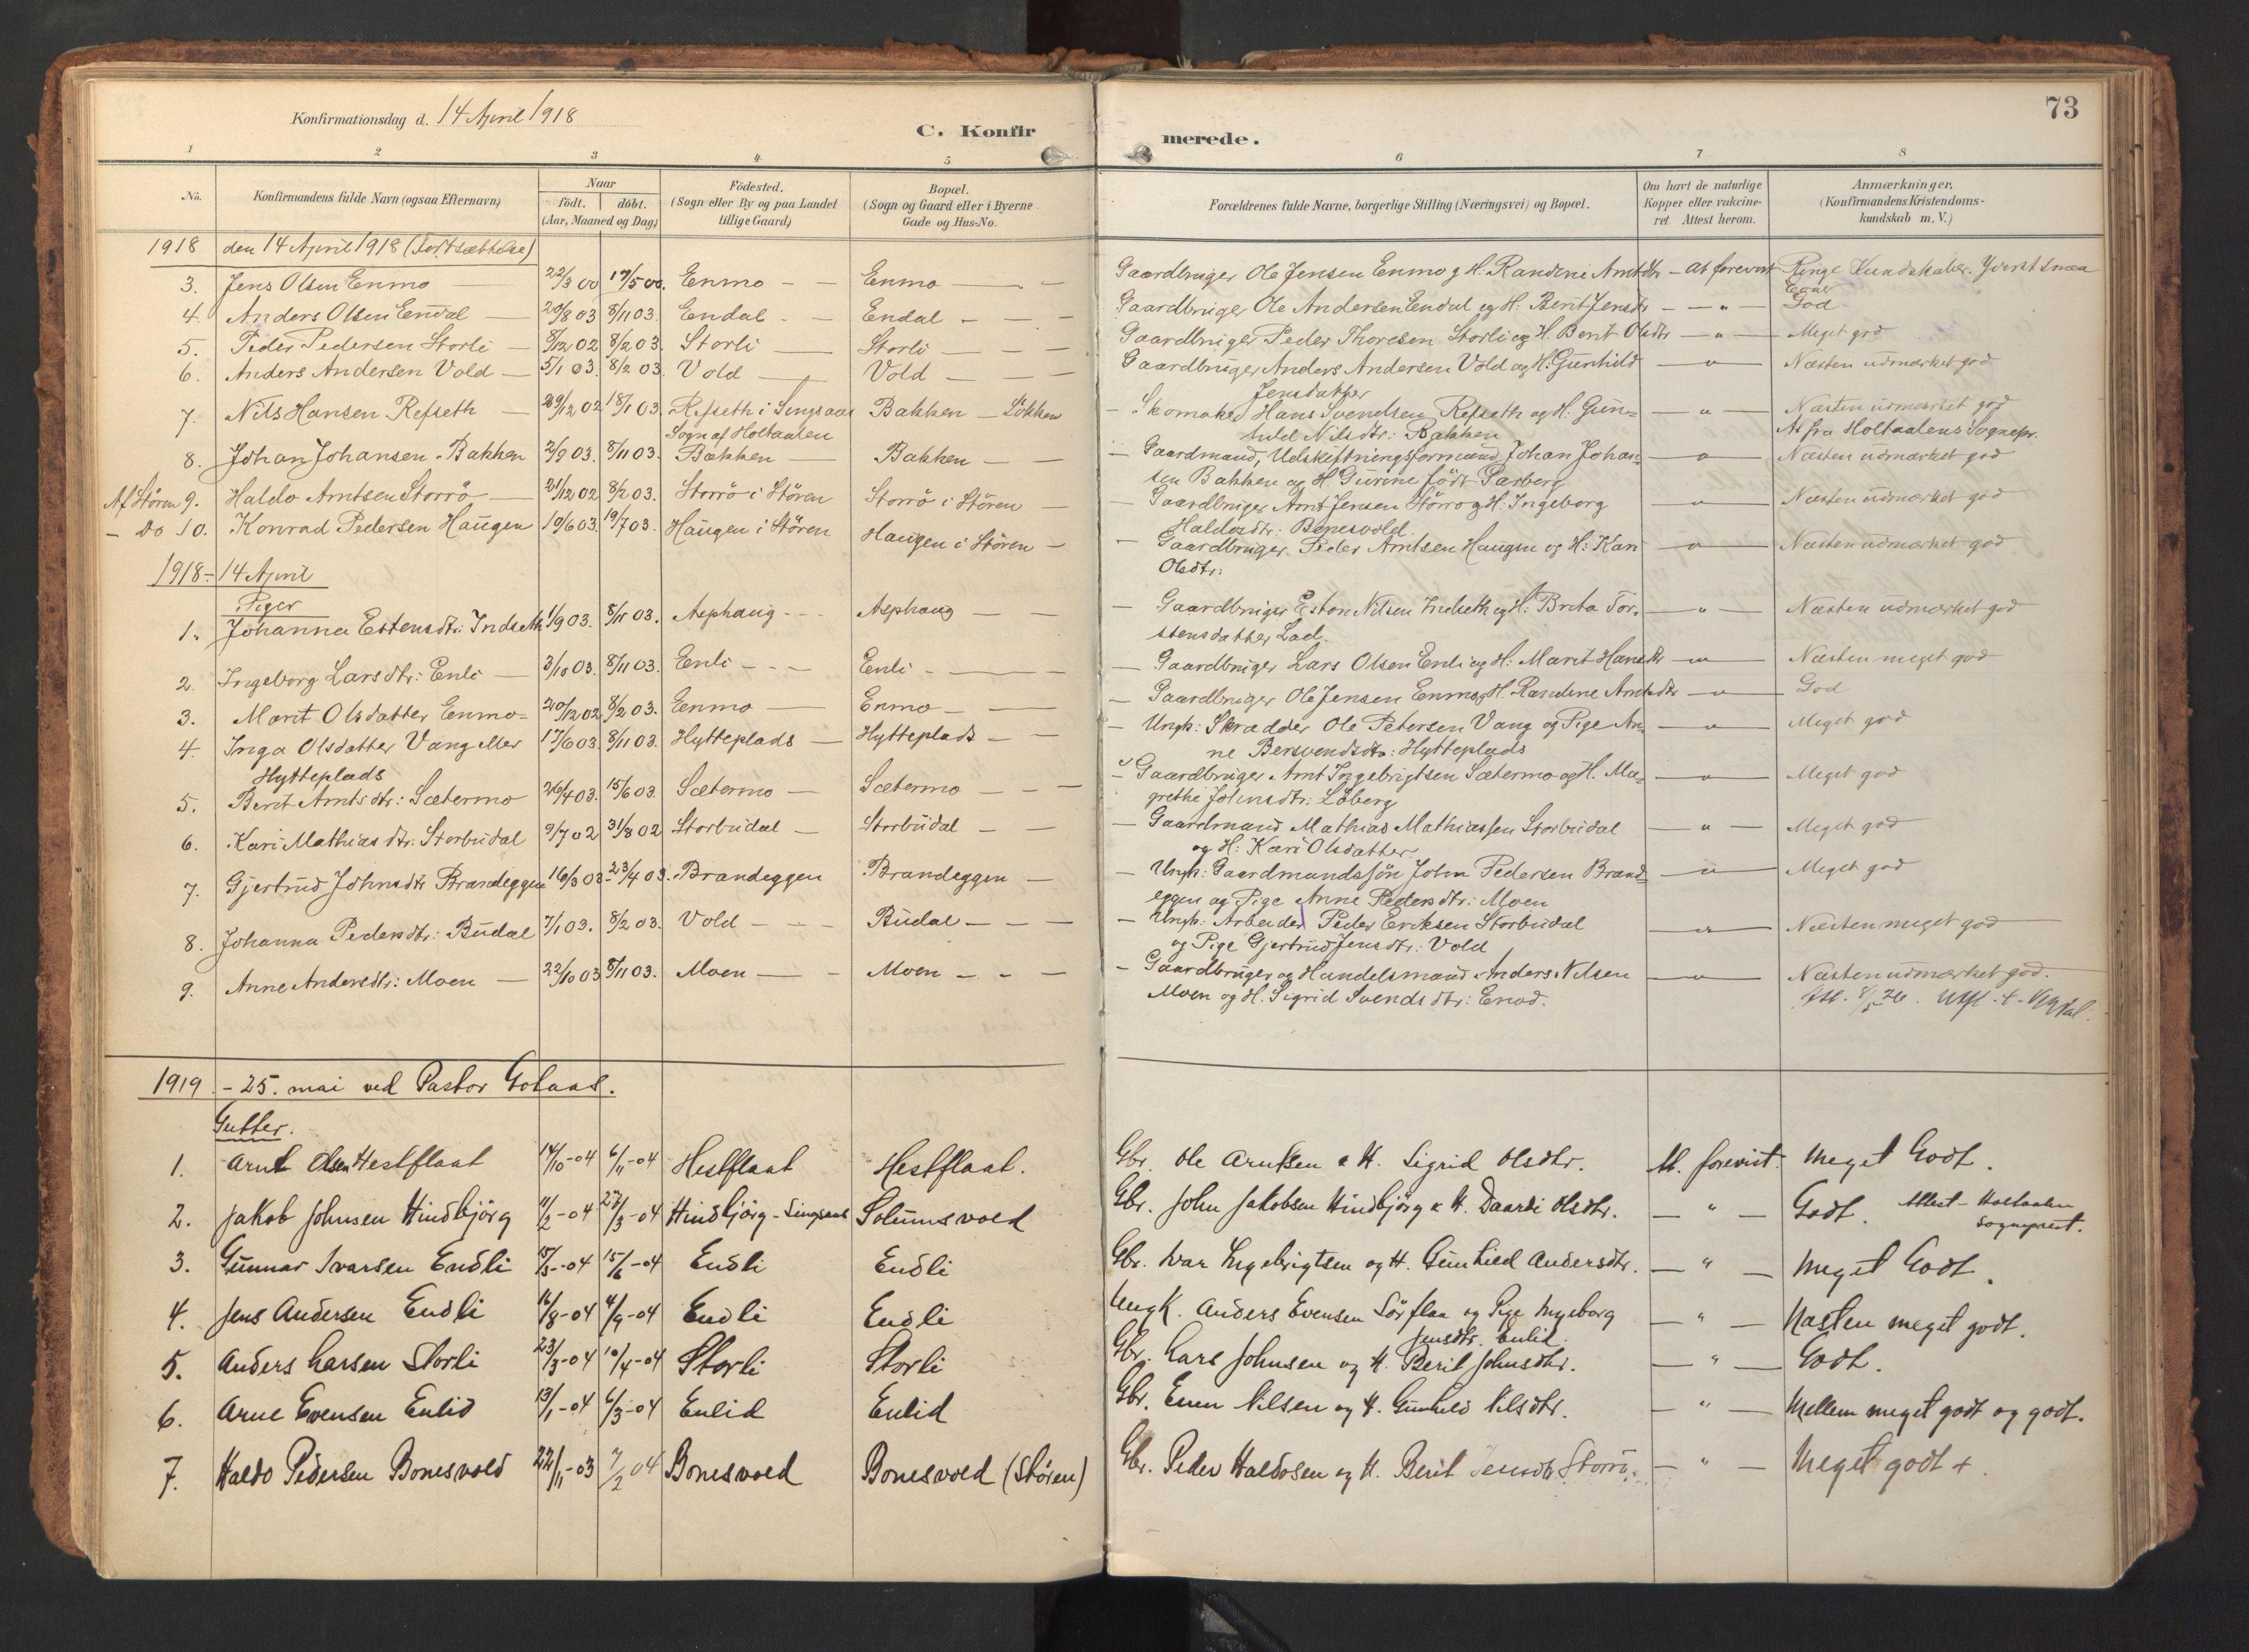 SAT, Ministerialprotokoller, klokkerbøker og fødselsregistre - Sør-Trøndelag, 690/L1050: Ministerialbok nr. 690A01, 1889-1929, s. 73